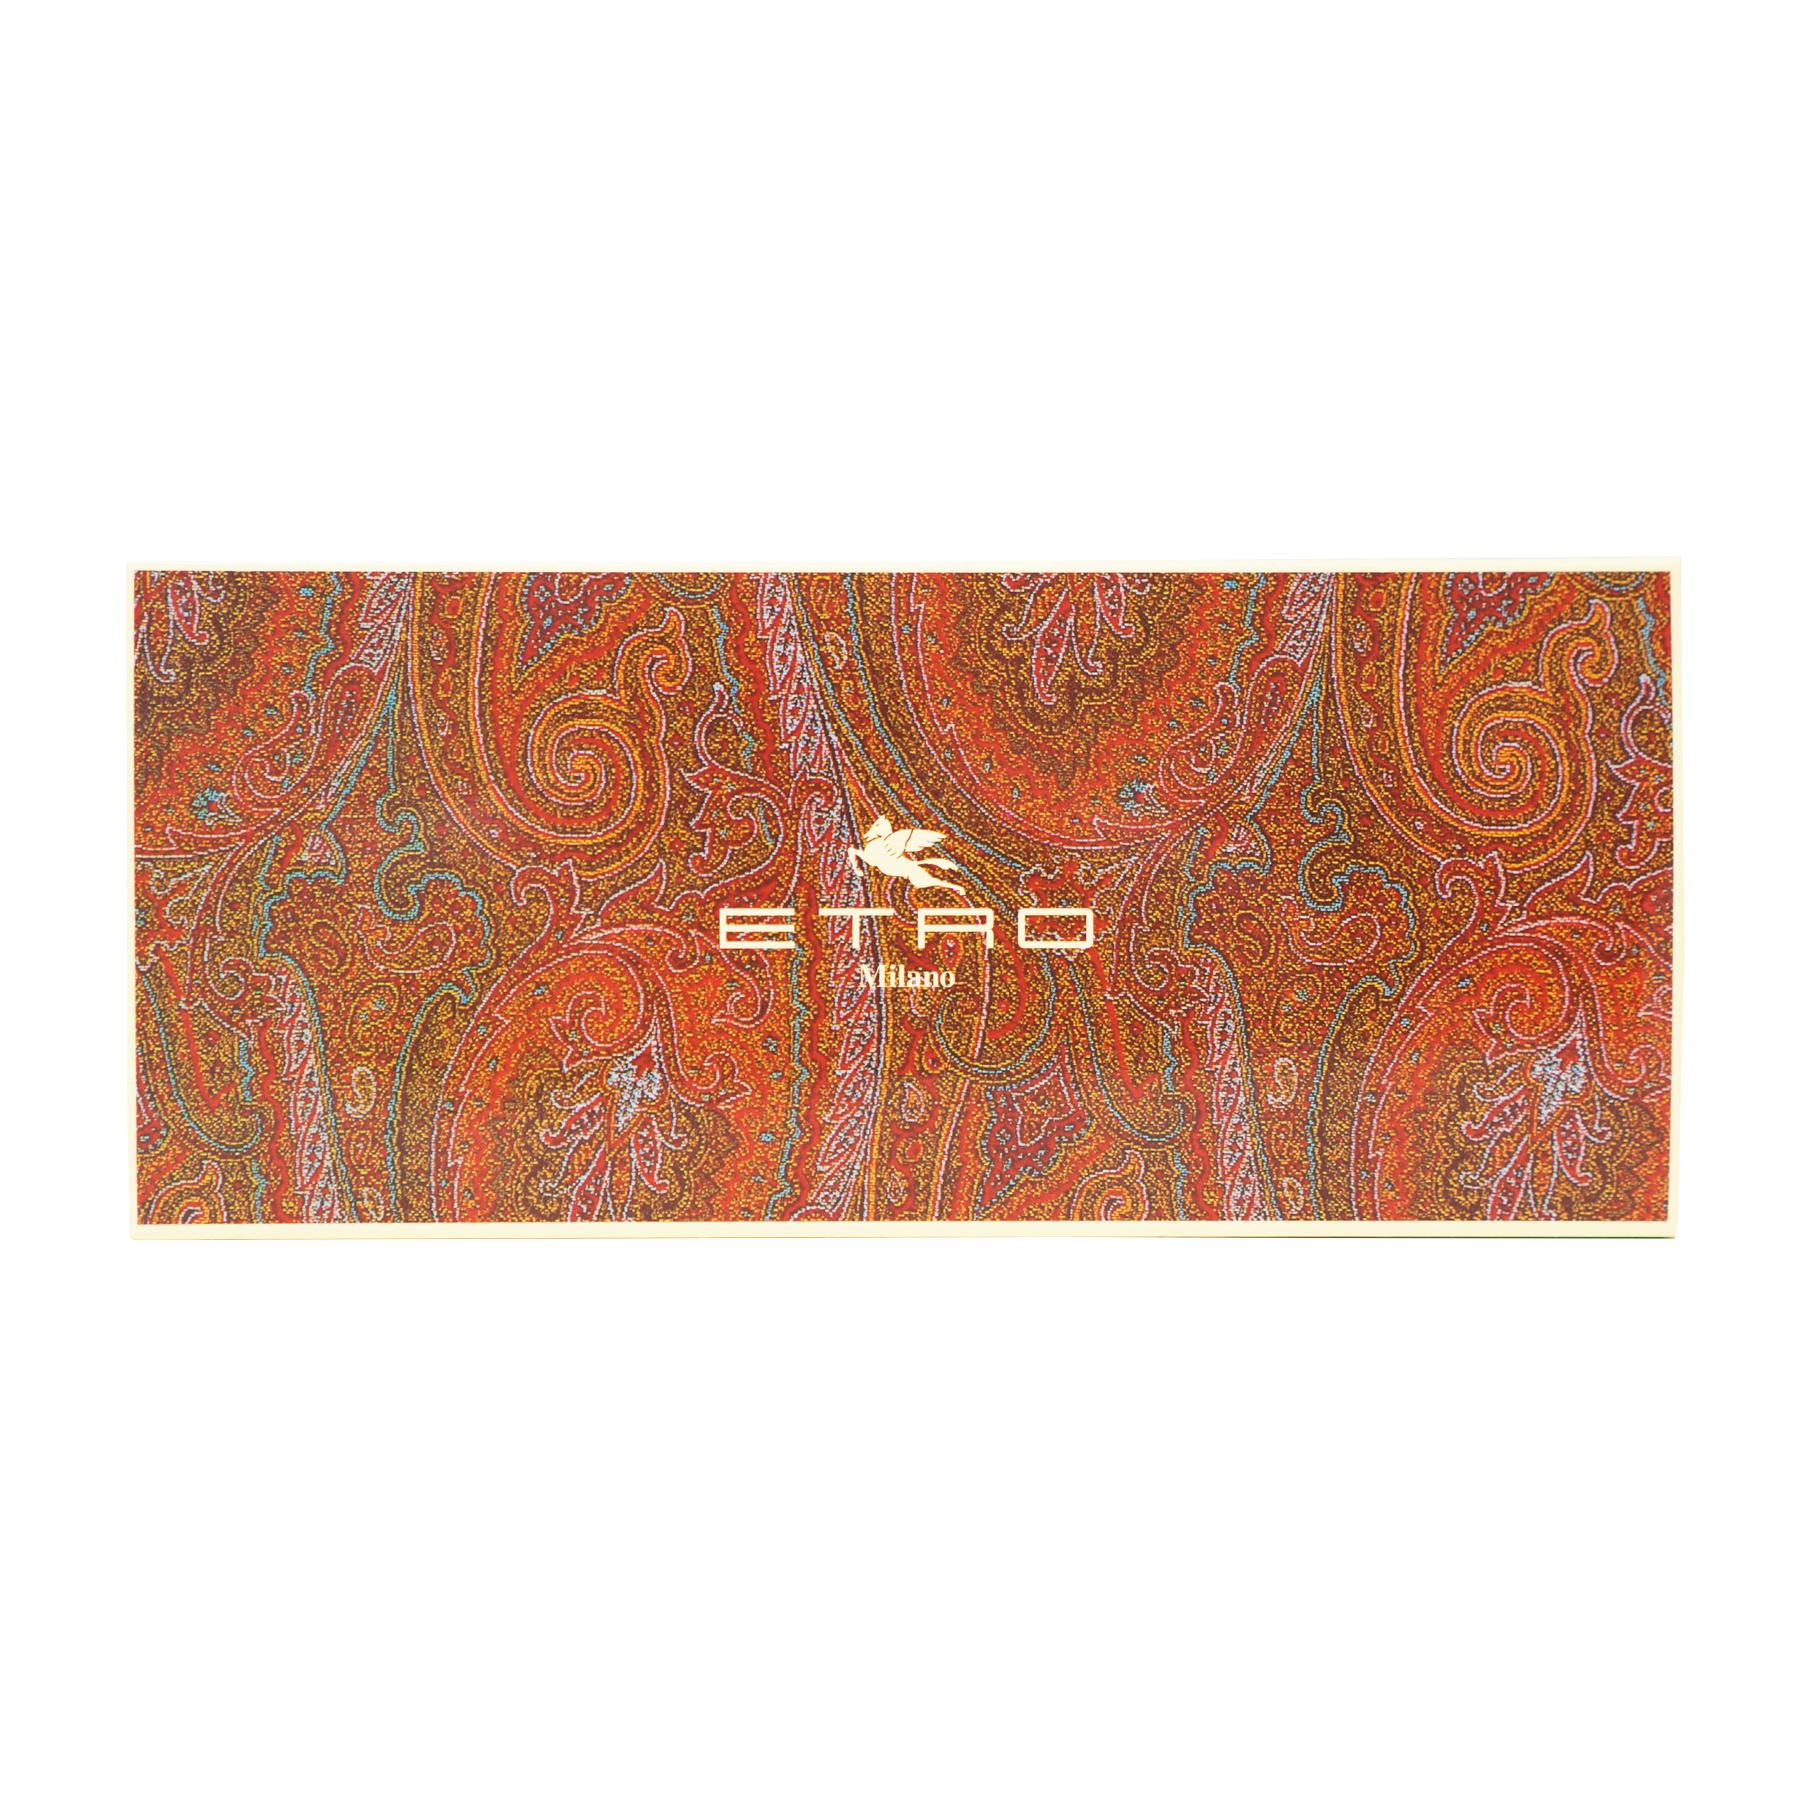 Set ETRO Milan 5 x125ml